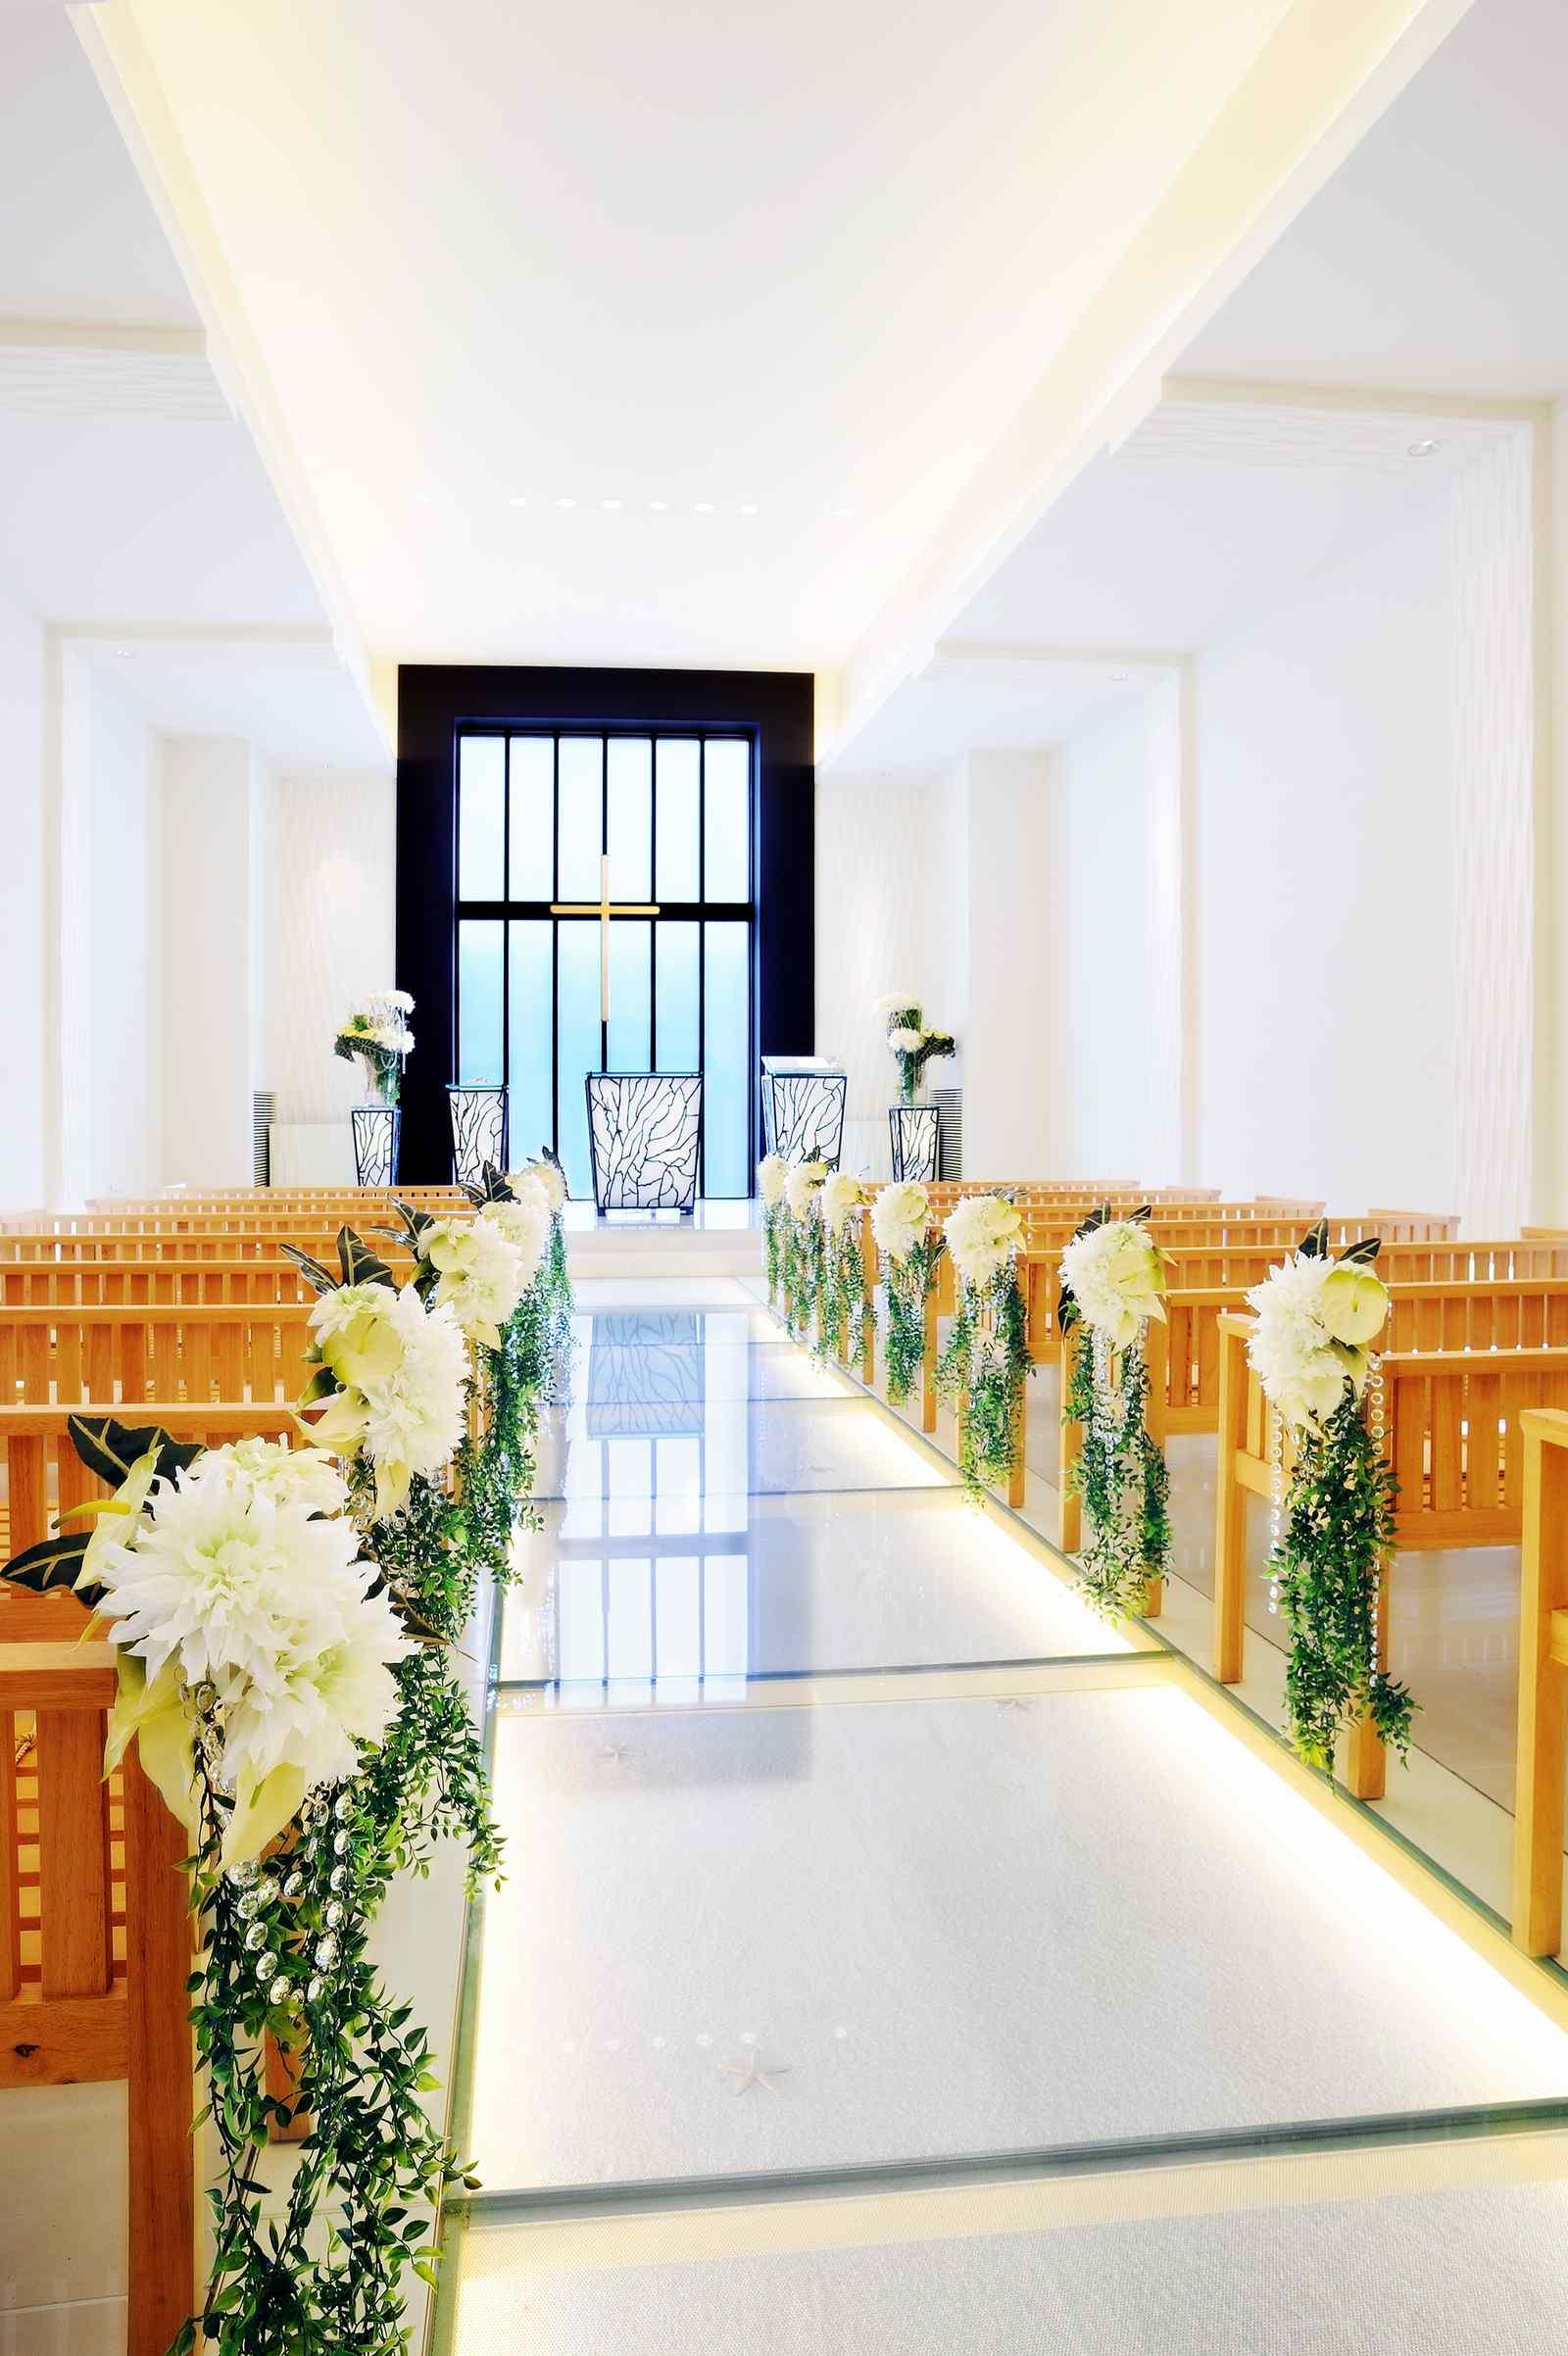 高松市の結婚式場アイルバレクラブ